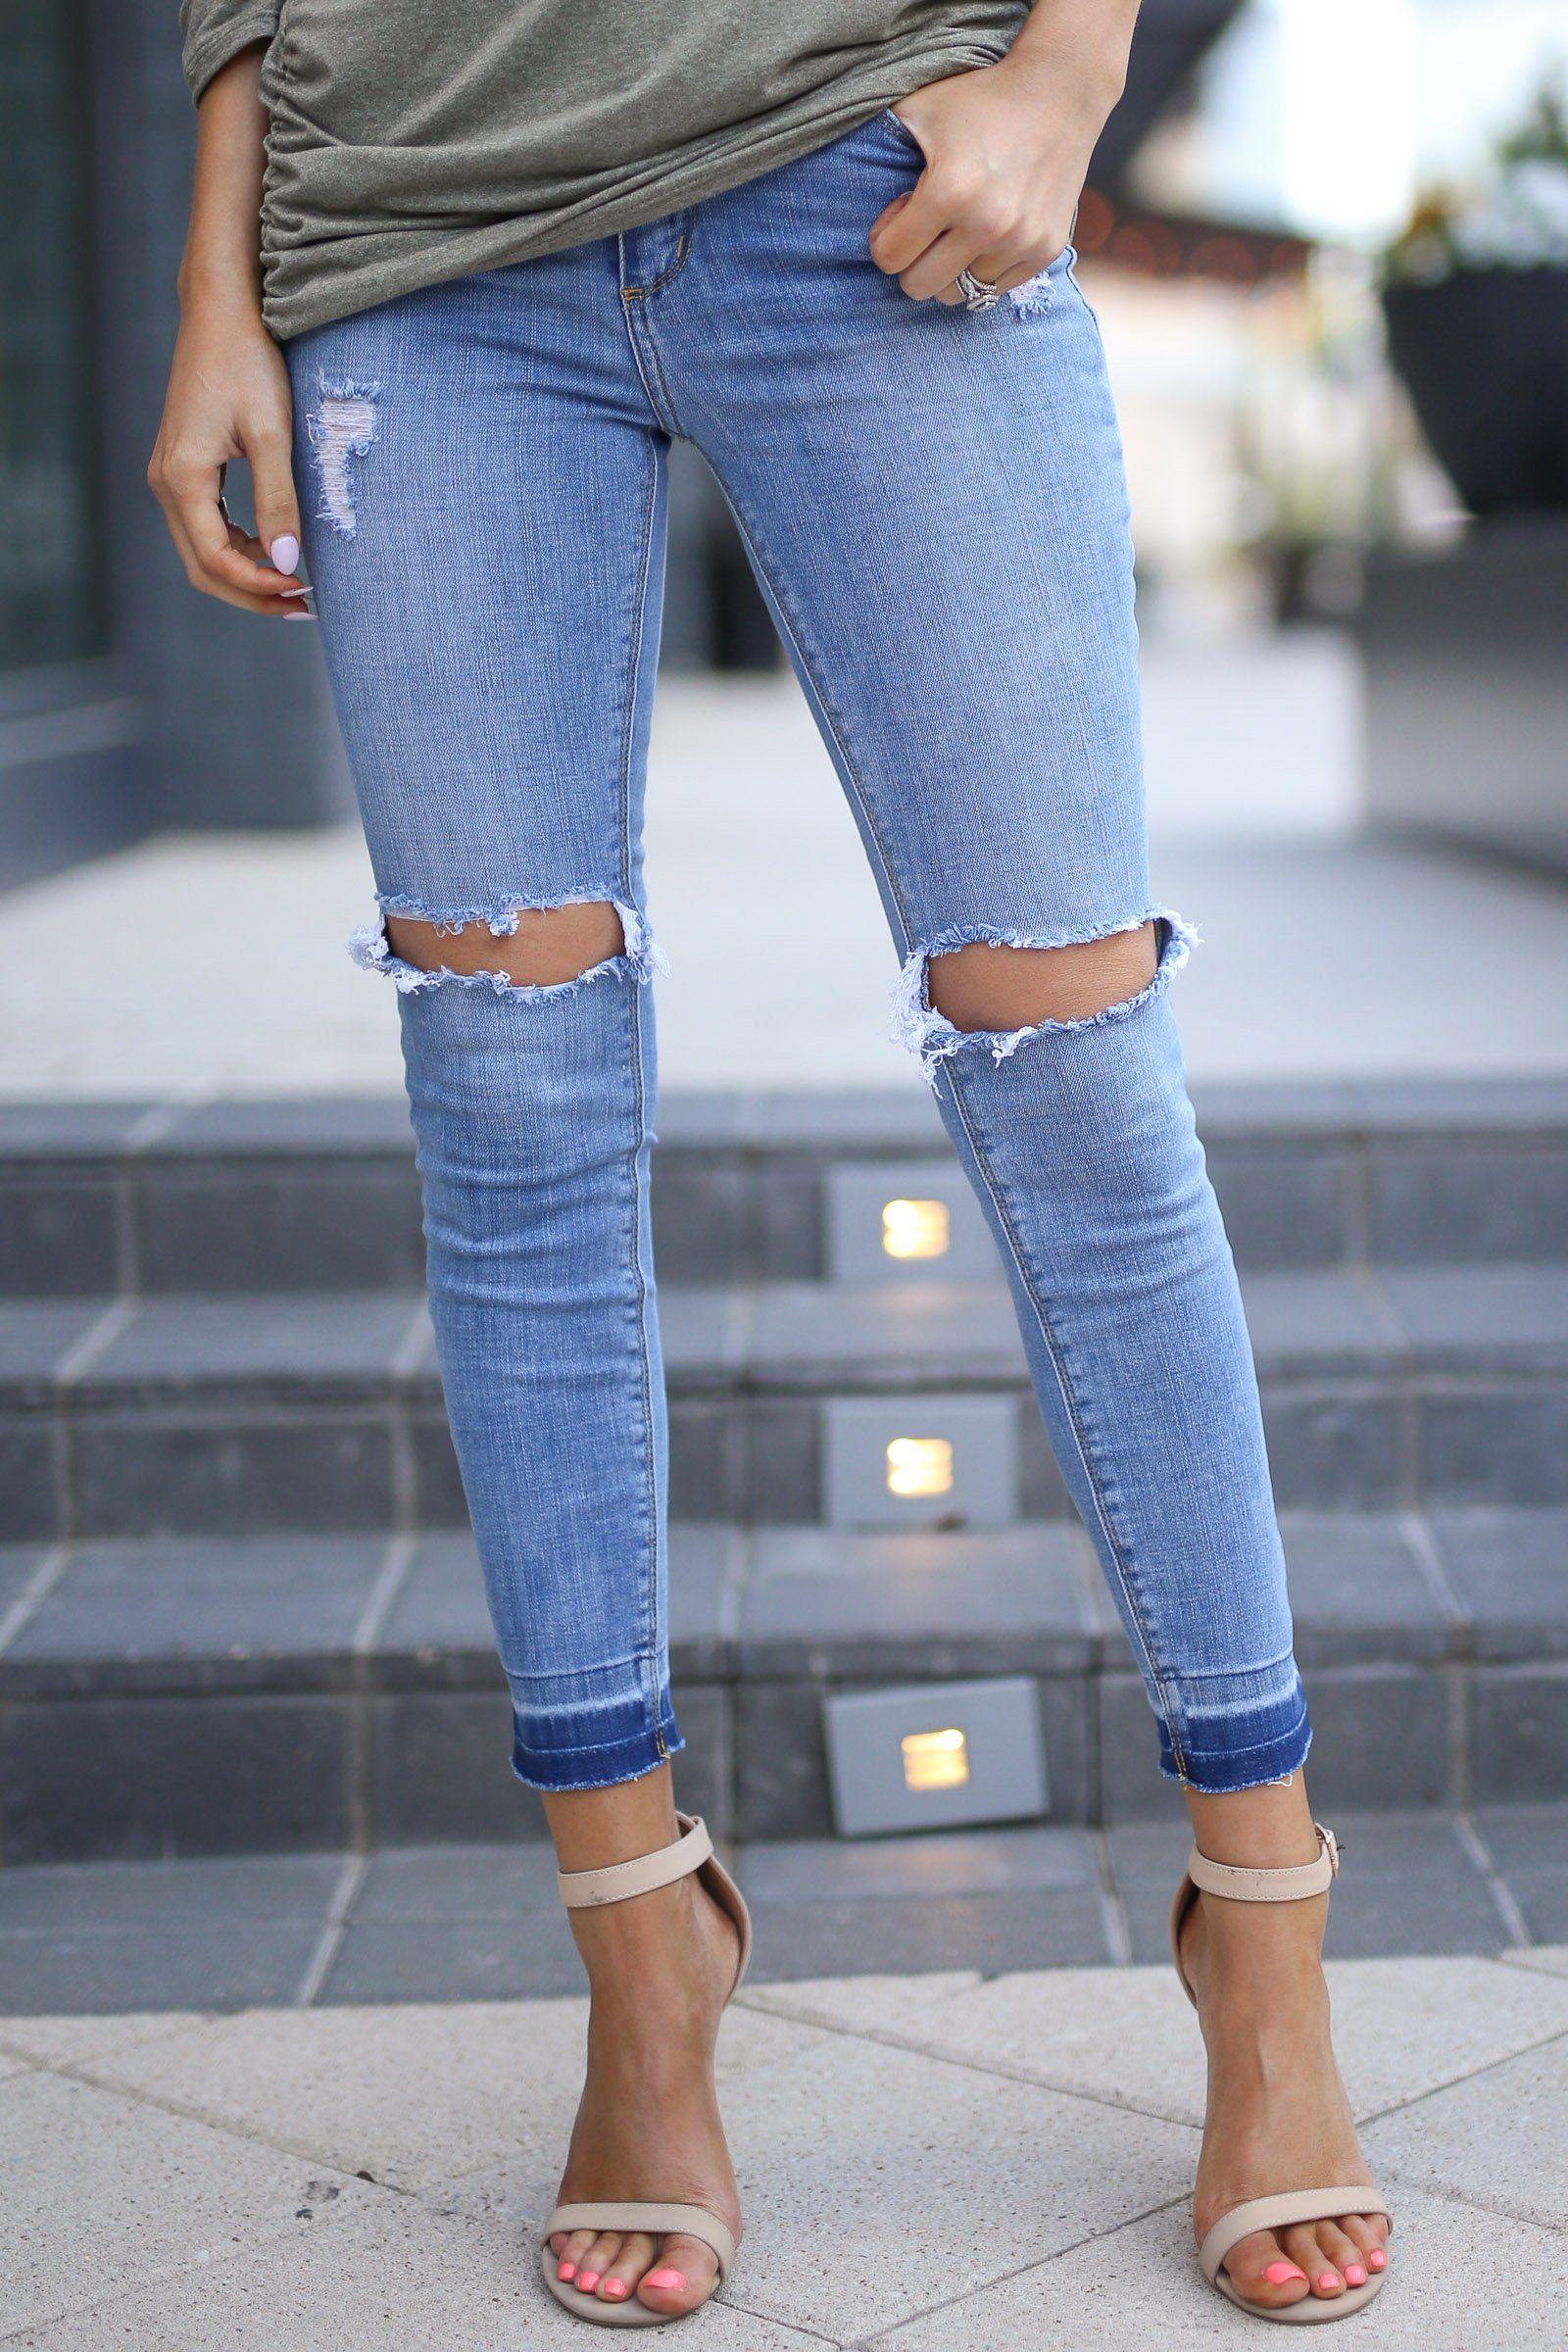 9e1e4de86403 CELLO Rip Tide Jeans - Light Wash distressed mid-rise jeans, front, Closet  Candy Boutique